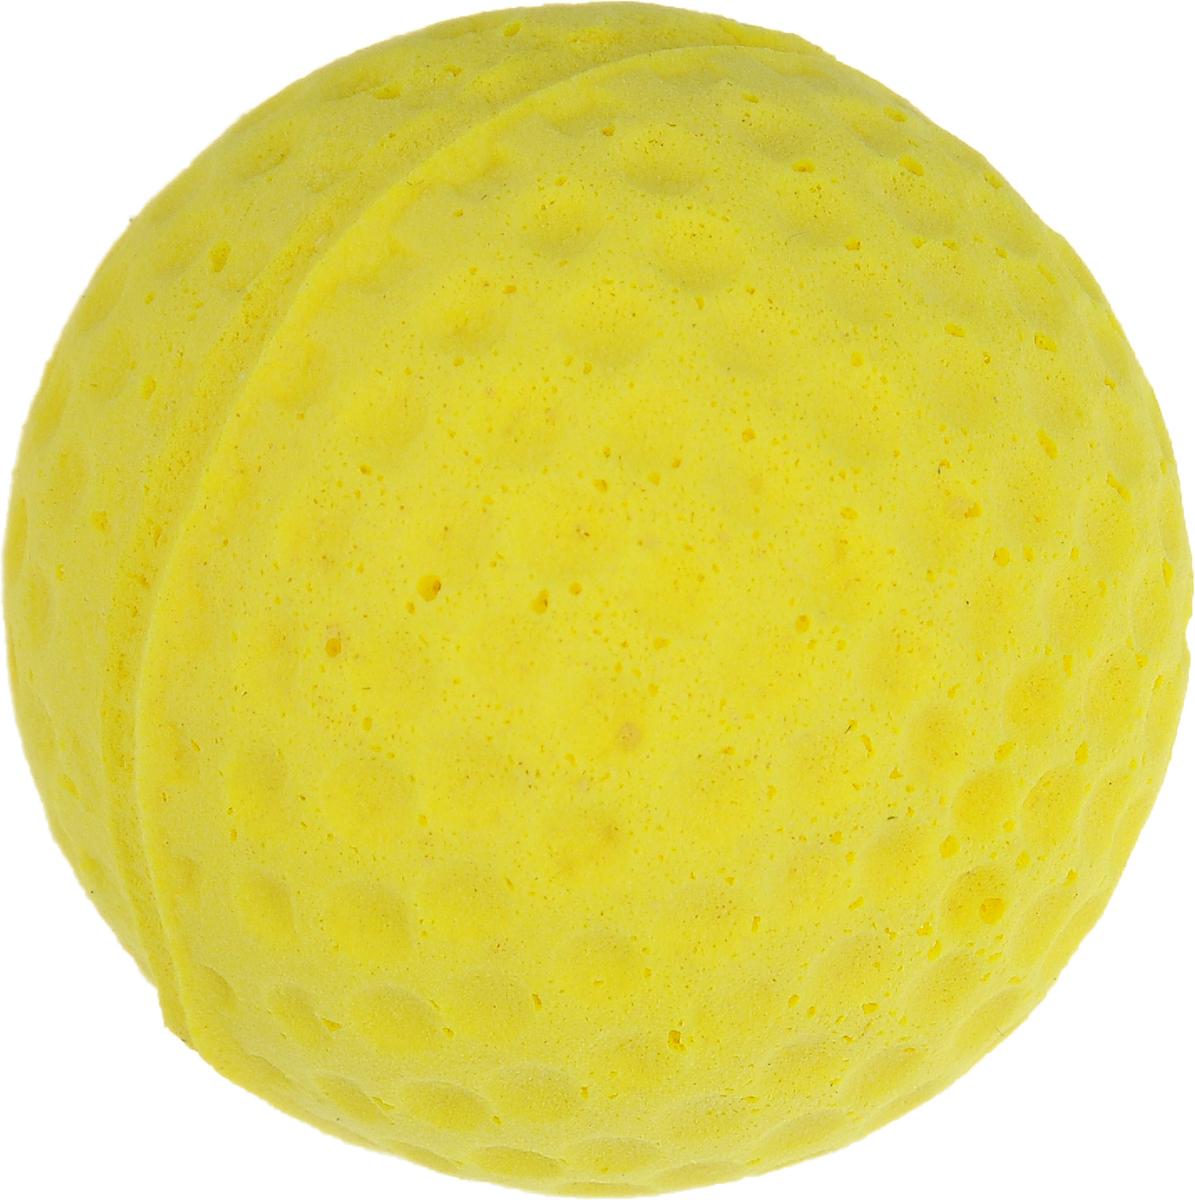 Игрушка для животных Каскад Мячик зефирный. Гольф, цвет: желтый, диаметр 4 см27799306_желтыйМягкая игрушка для животных Каскад Мячик зефирный. Гольф изготовлена из вспененного полимера. Такая игрушка порадует вашего любимца, а вам доставит массу приятных эмоций, ведь наблюдать за игрой всегда интересно и приятно. Диаметр игрушки: 4 см.